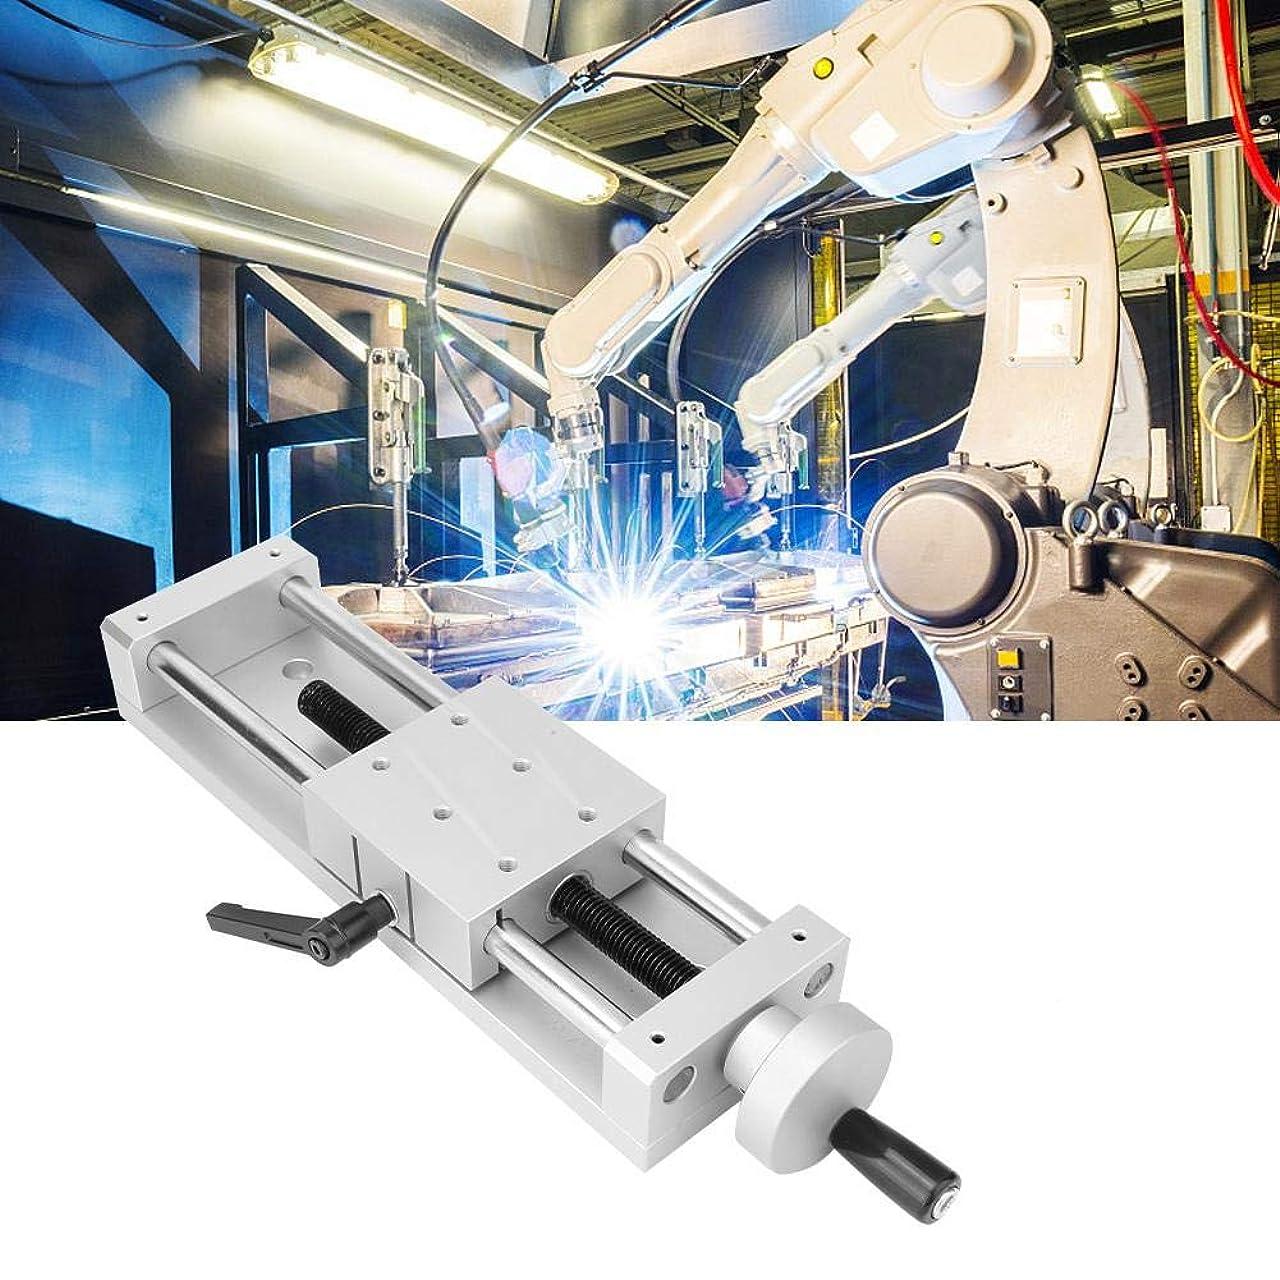 バンカー内訳再生的KA80-1402-50/100/150アルミ合金高精度スライドテーブルリニアレールステージクロス80 * 80 mm 196Nクランプ自動機器工作機械光学機器用(150mm)